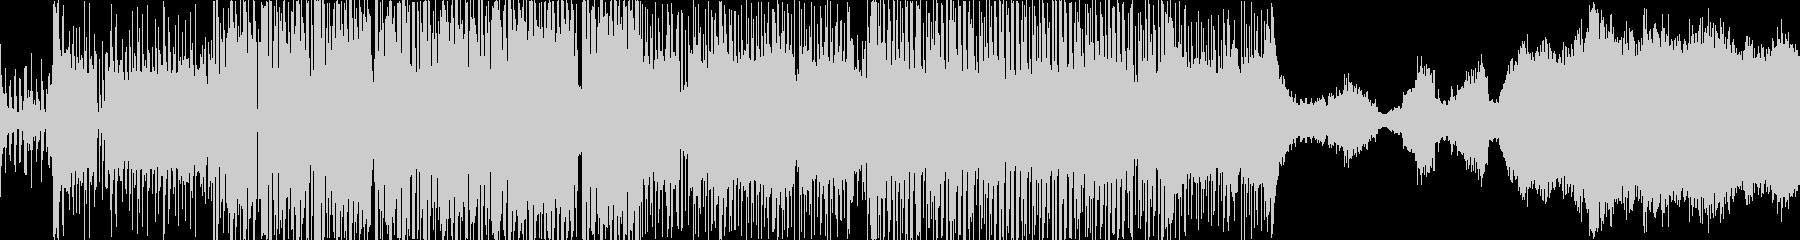 知的でクールな電子曲の未再生の波形